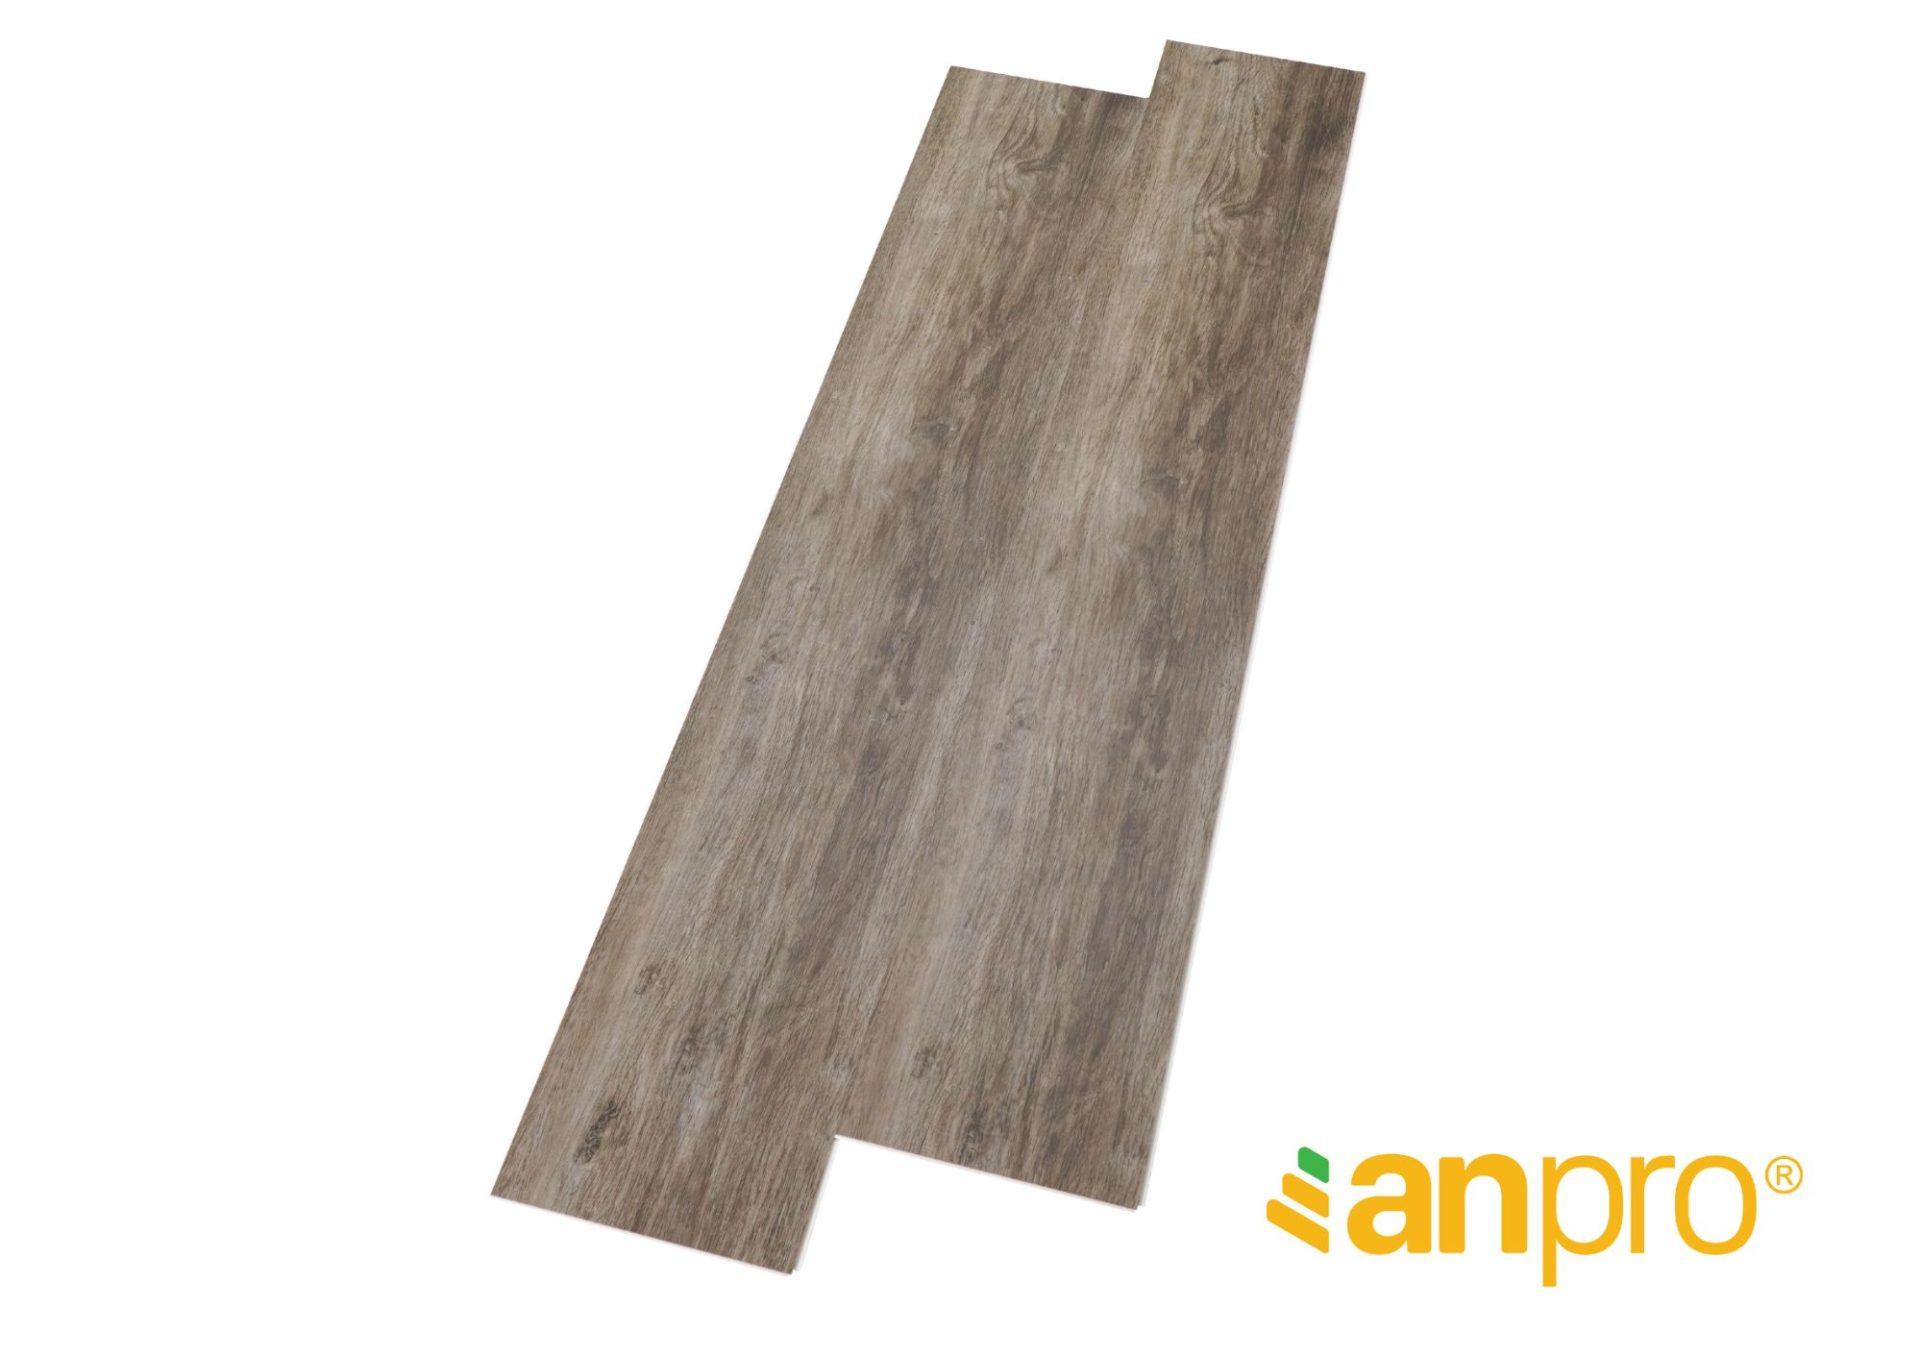 SA140 01 - Sàn AnPro vân gỗ SA149